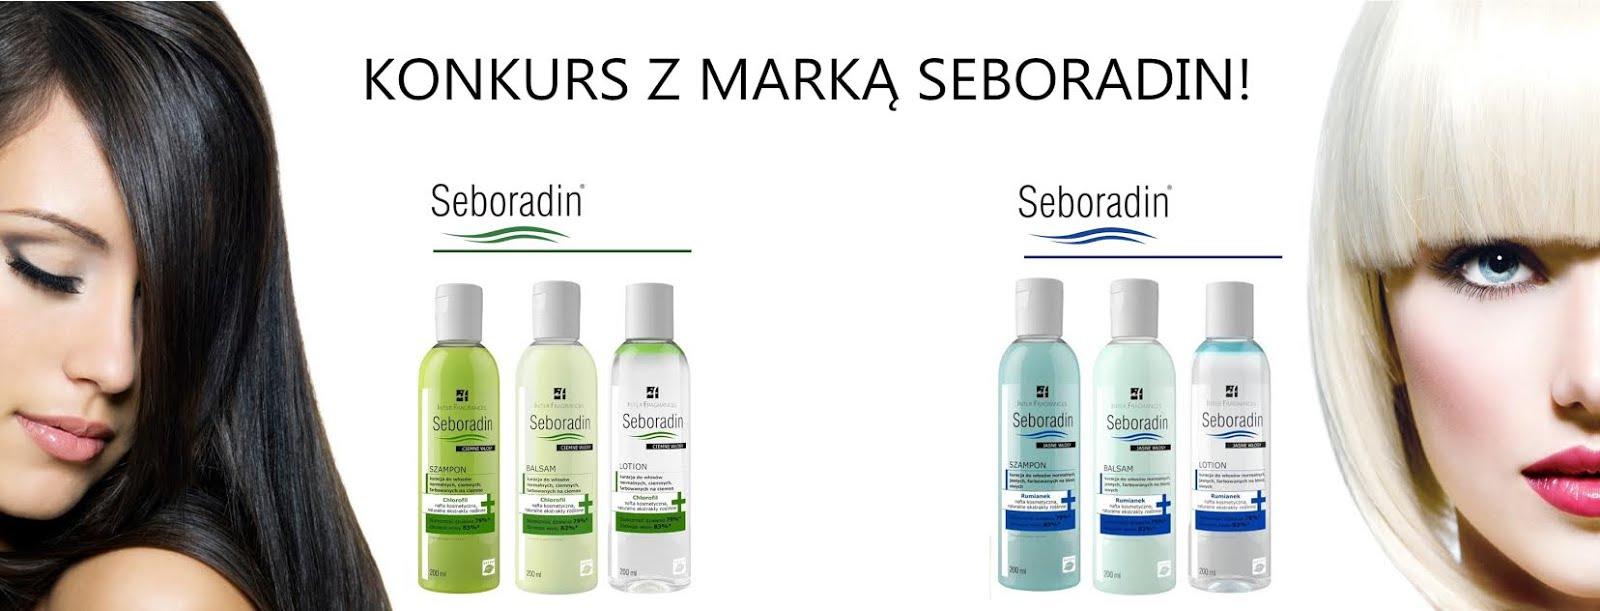 Konkurs z marką Seboradin